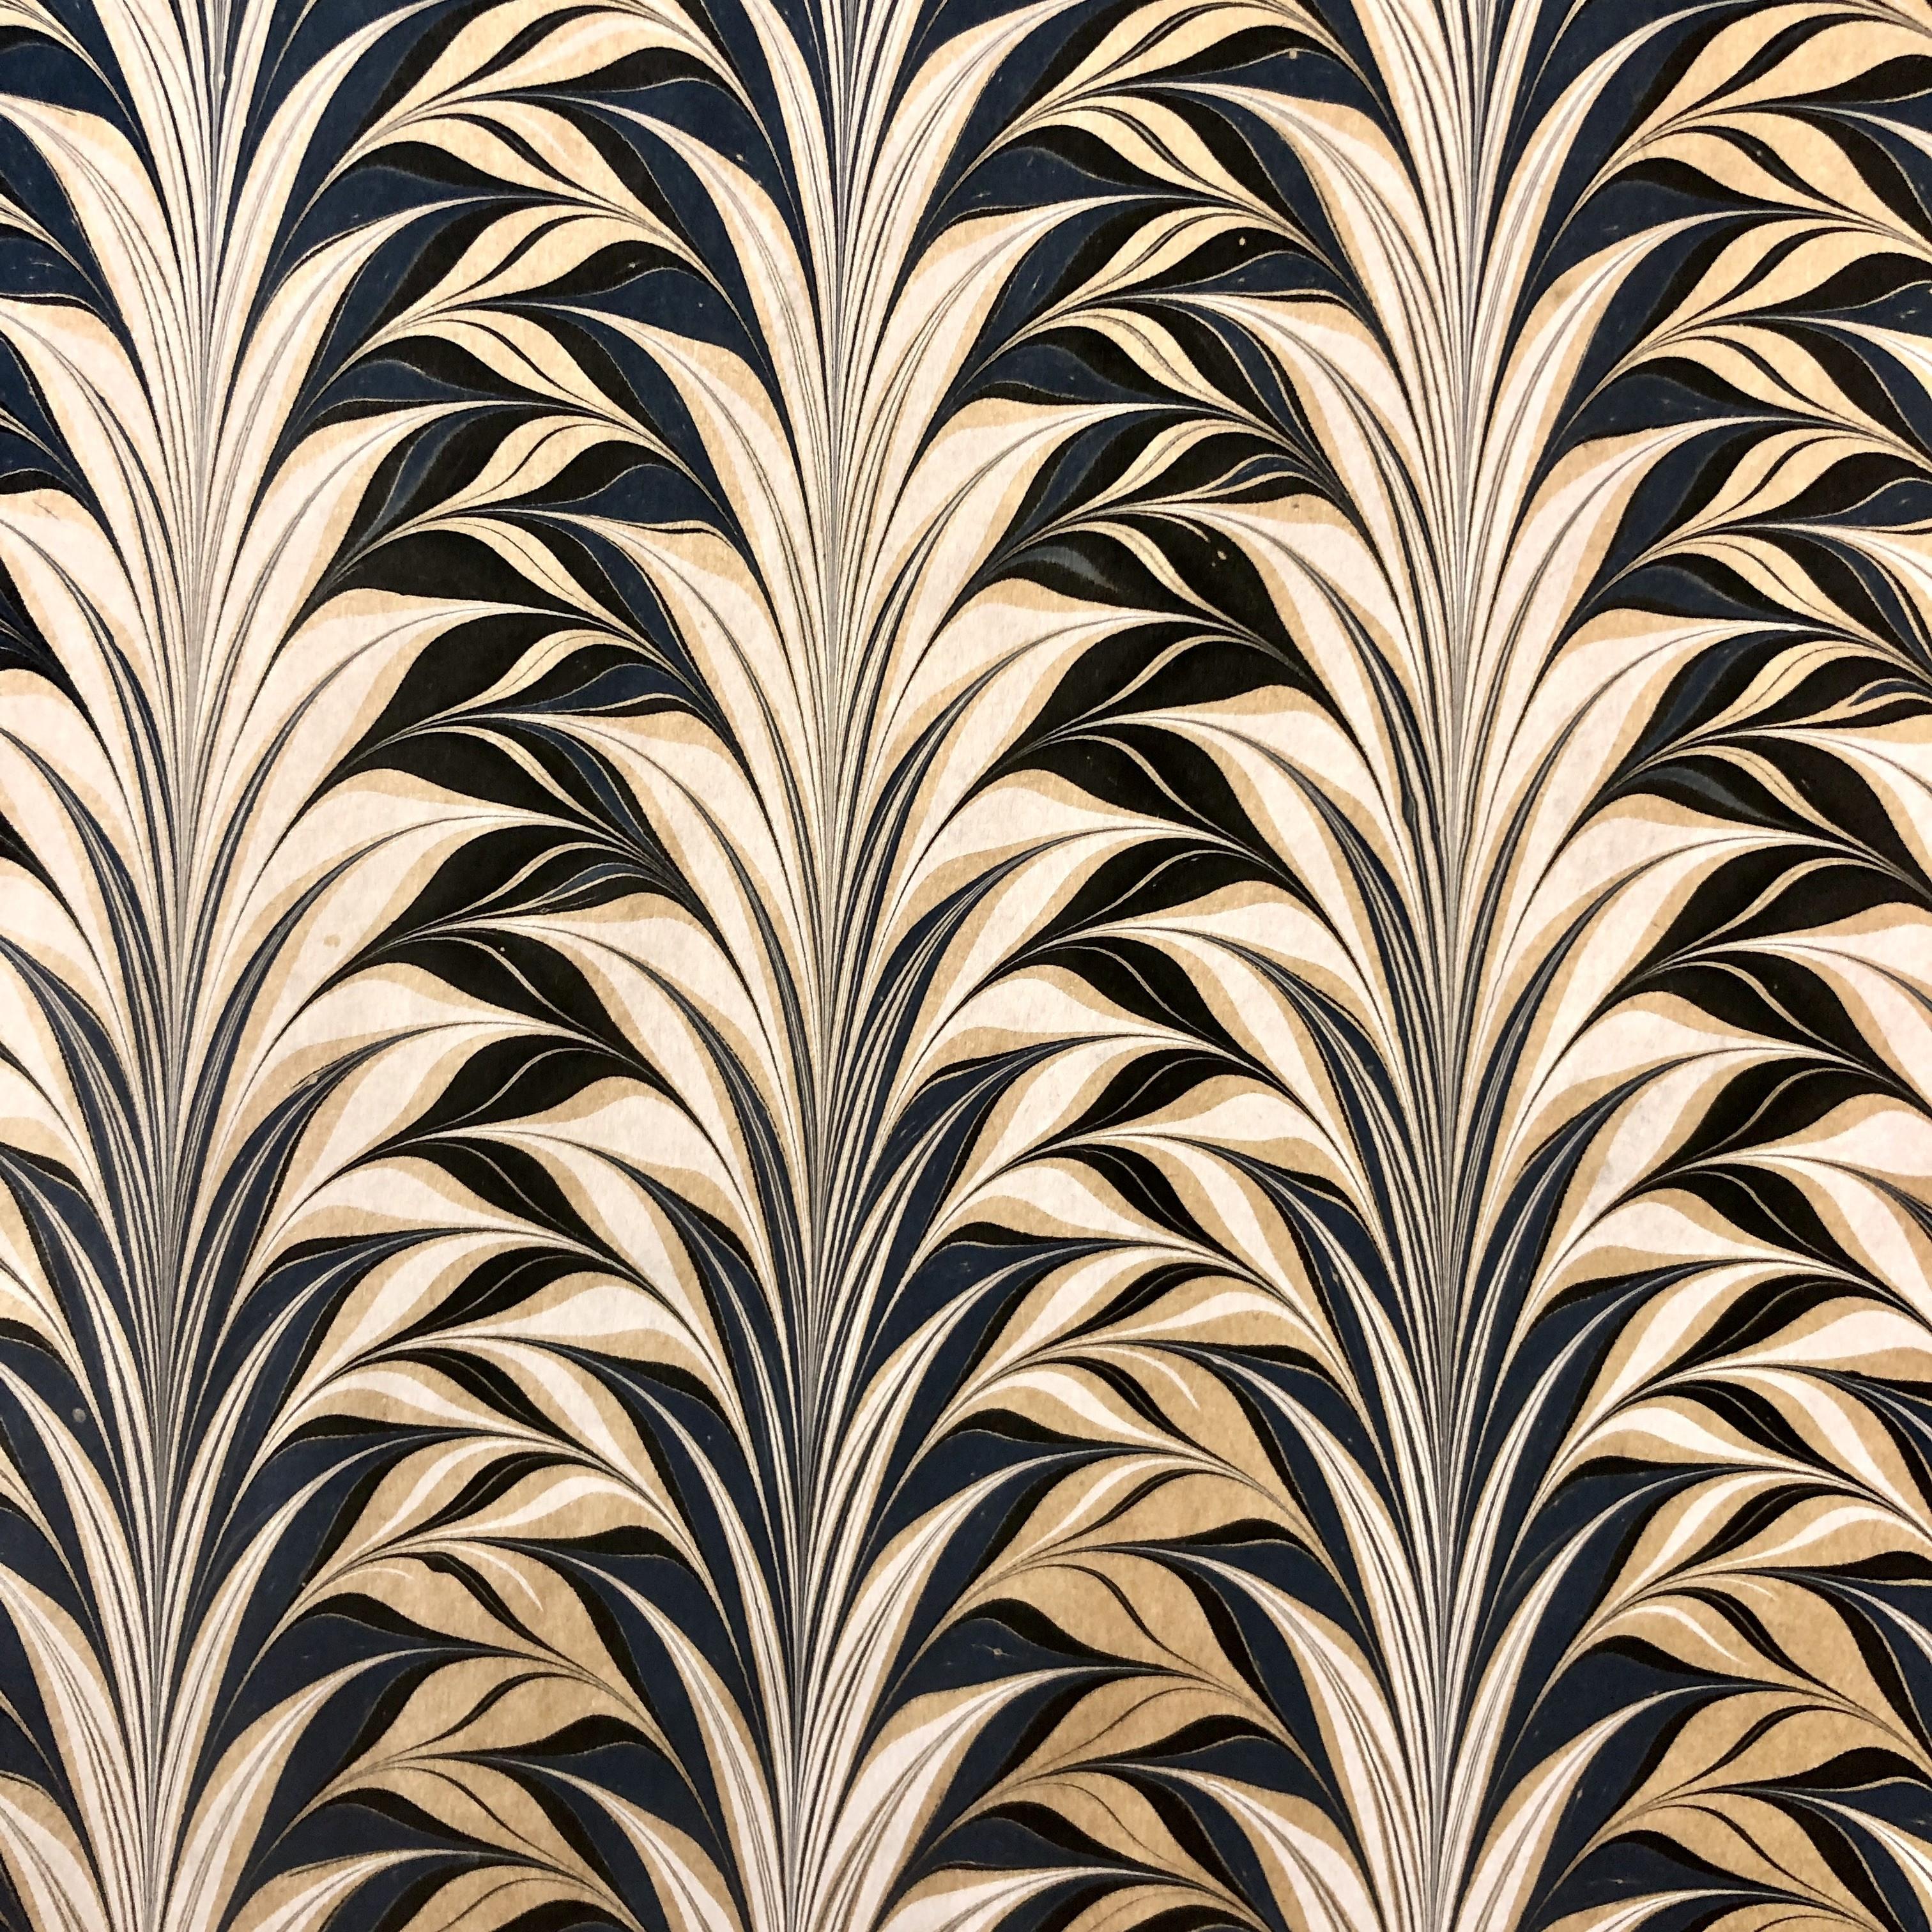 Sydney Cockerell, papier marbré sur papier kraft, vers 1970 © Musée du papier, Angoulême